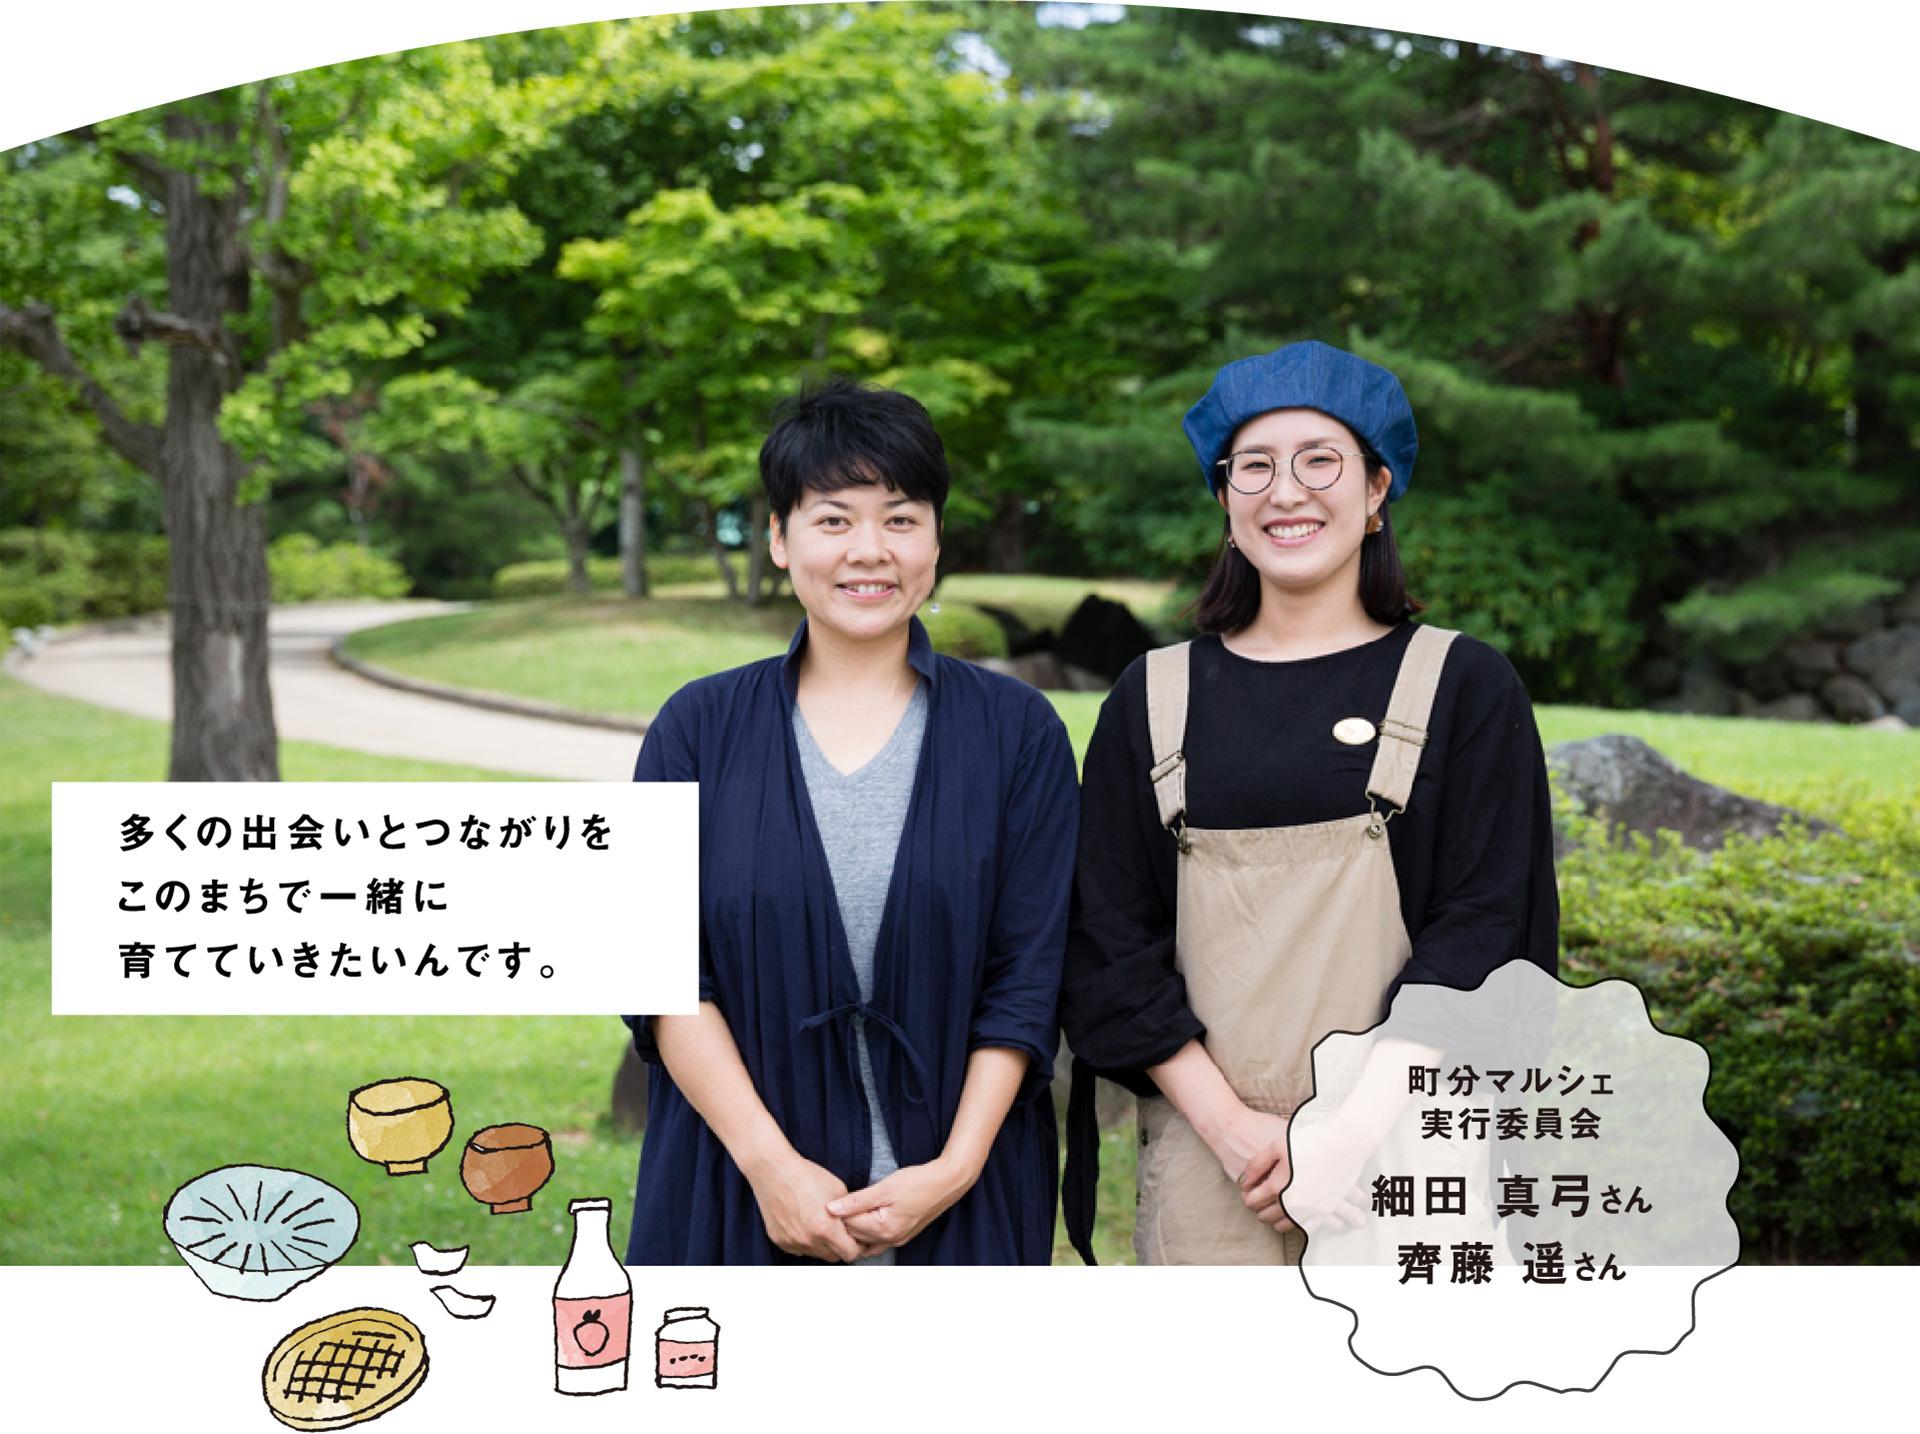 町分マルシェ 実行委員会 細田 真弓さん 齊藤 遥さん